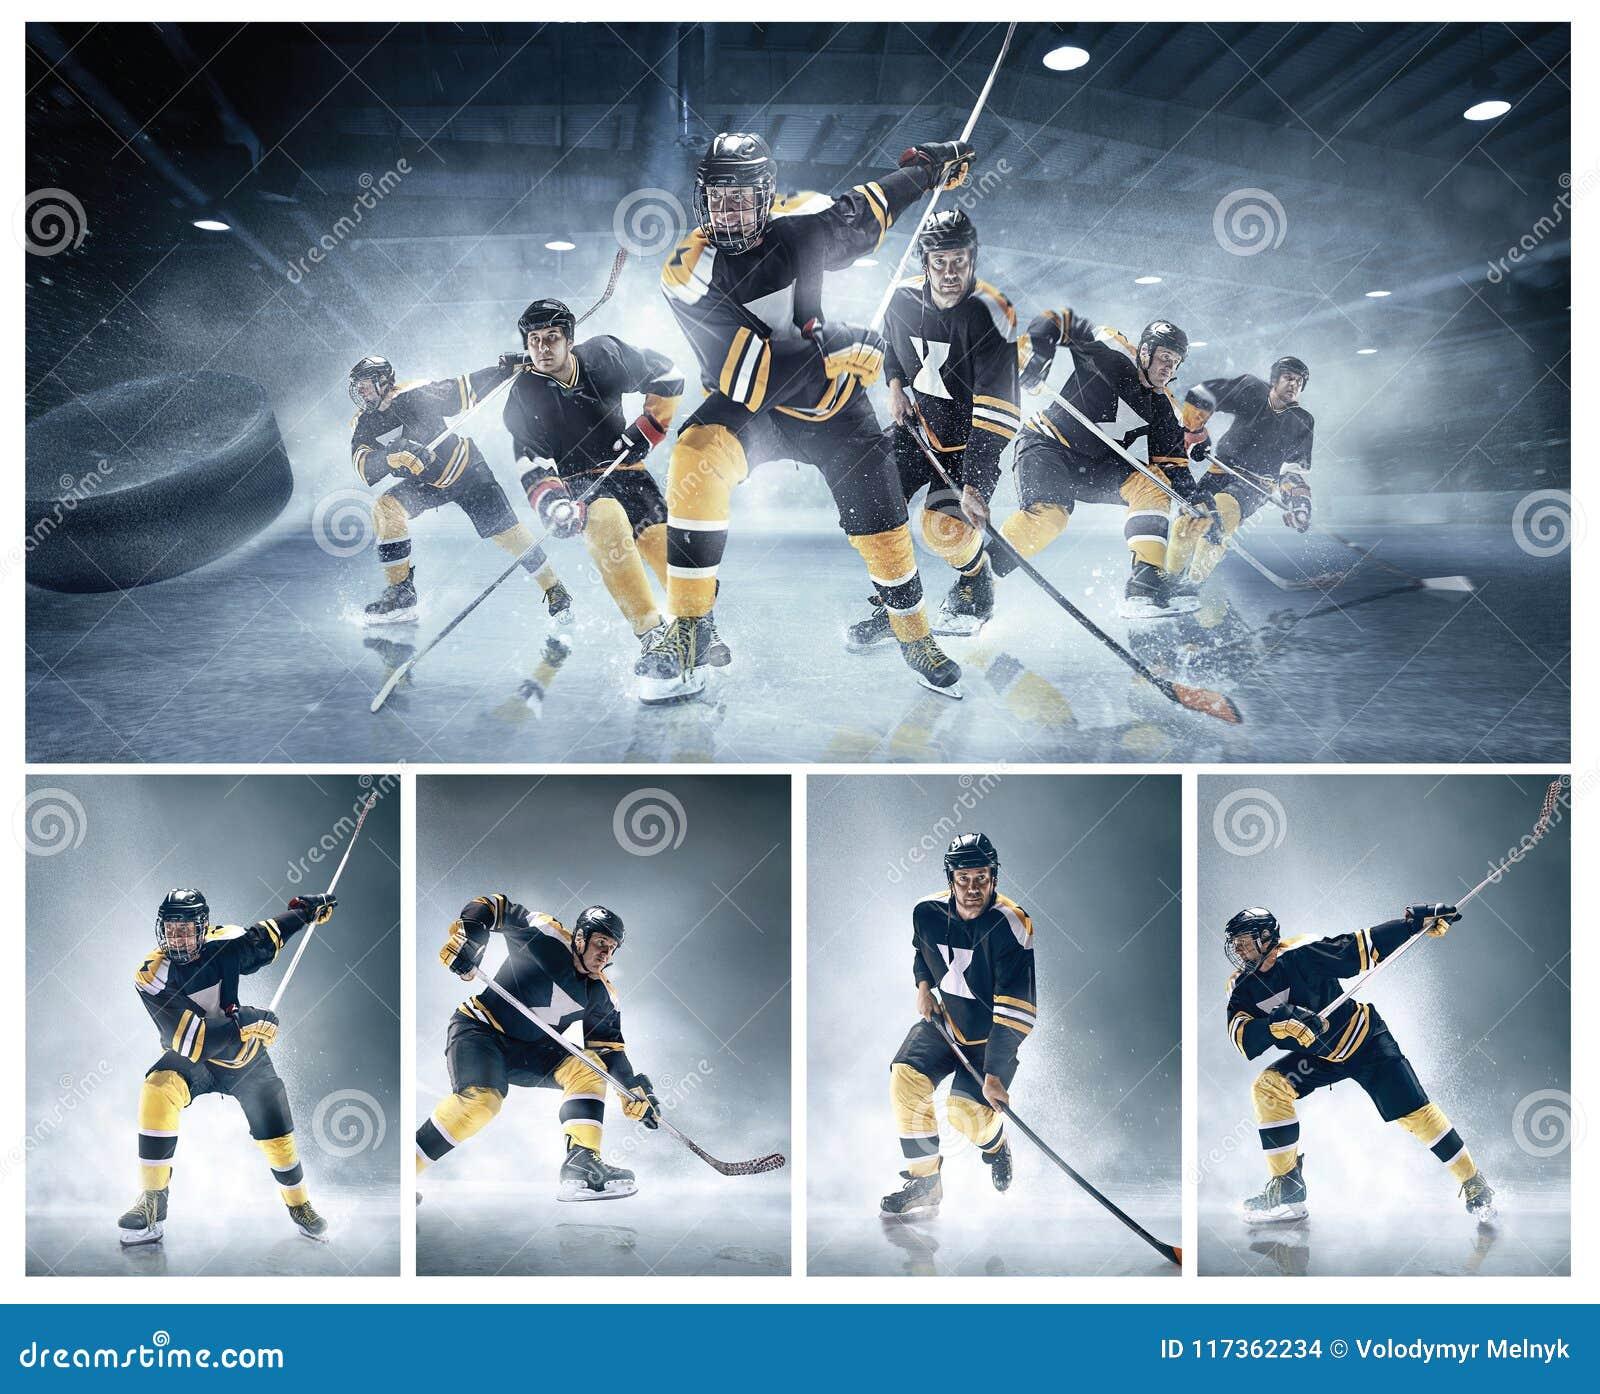 Kolaż o lodowych gracz w hokeja w akci